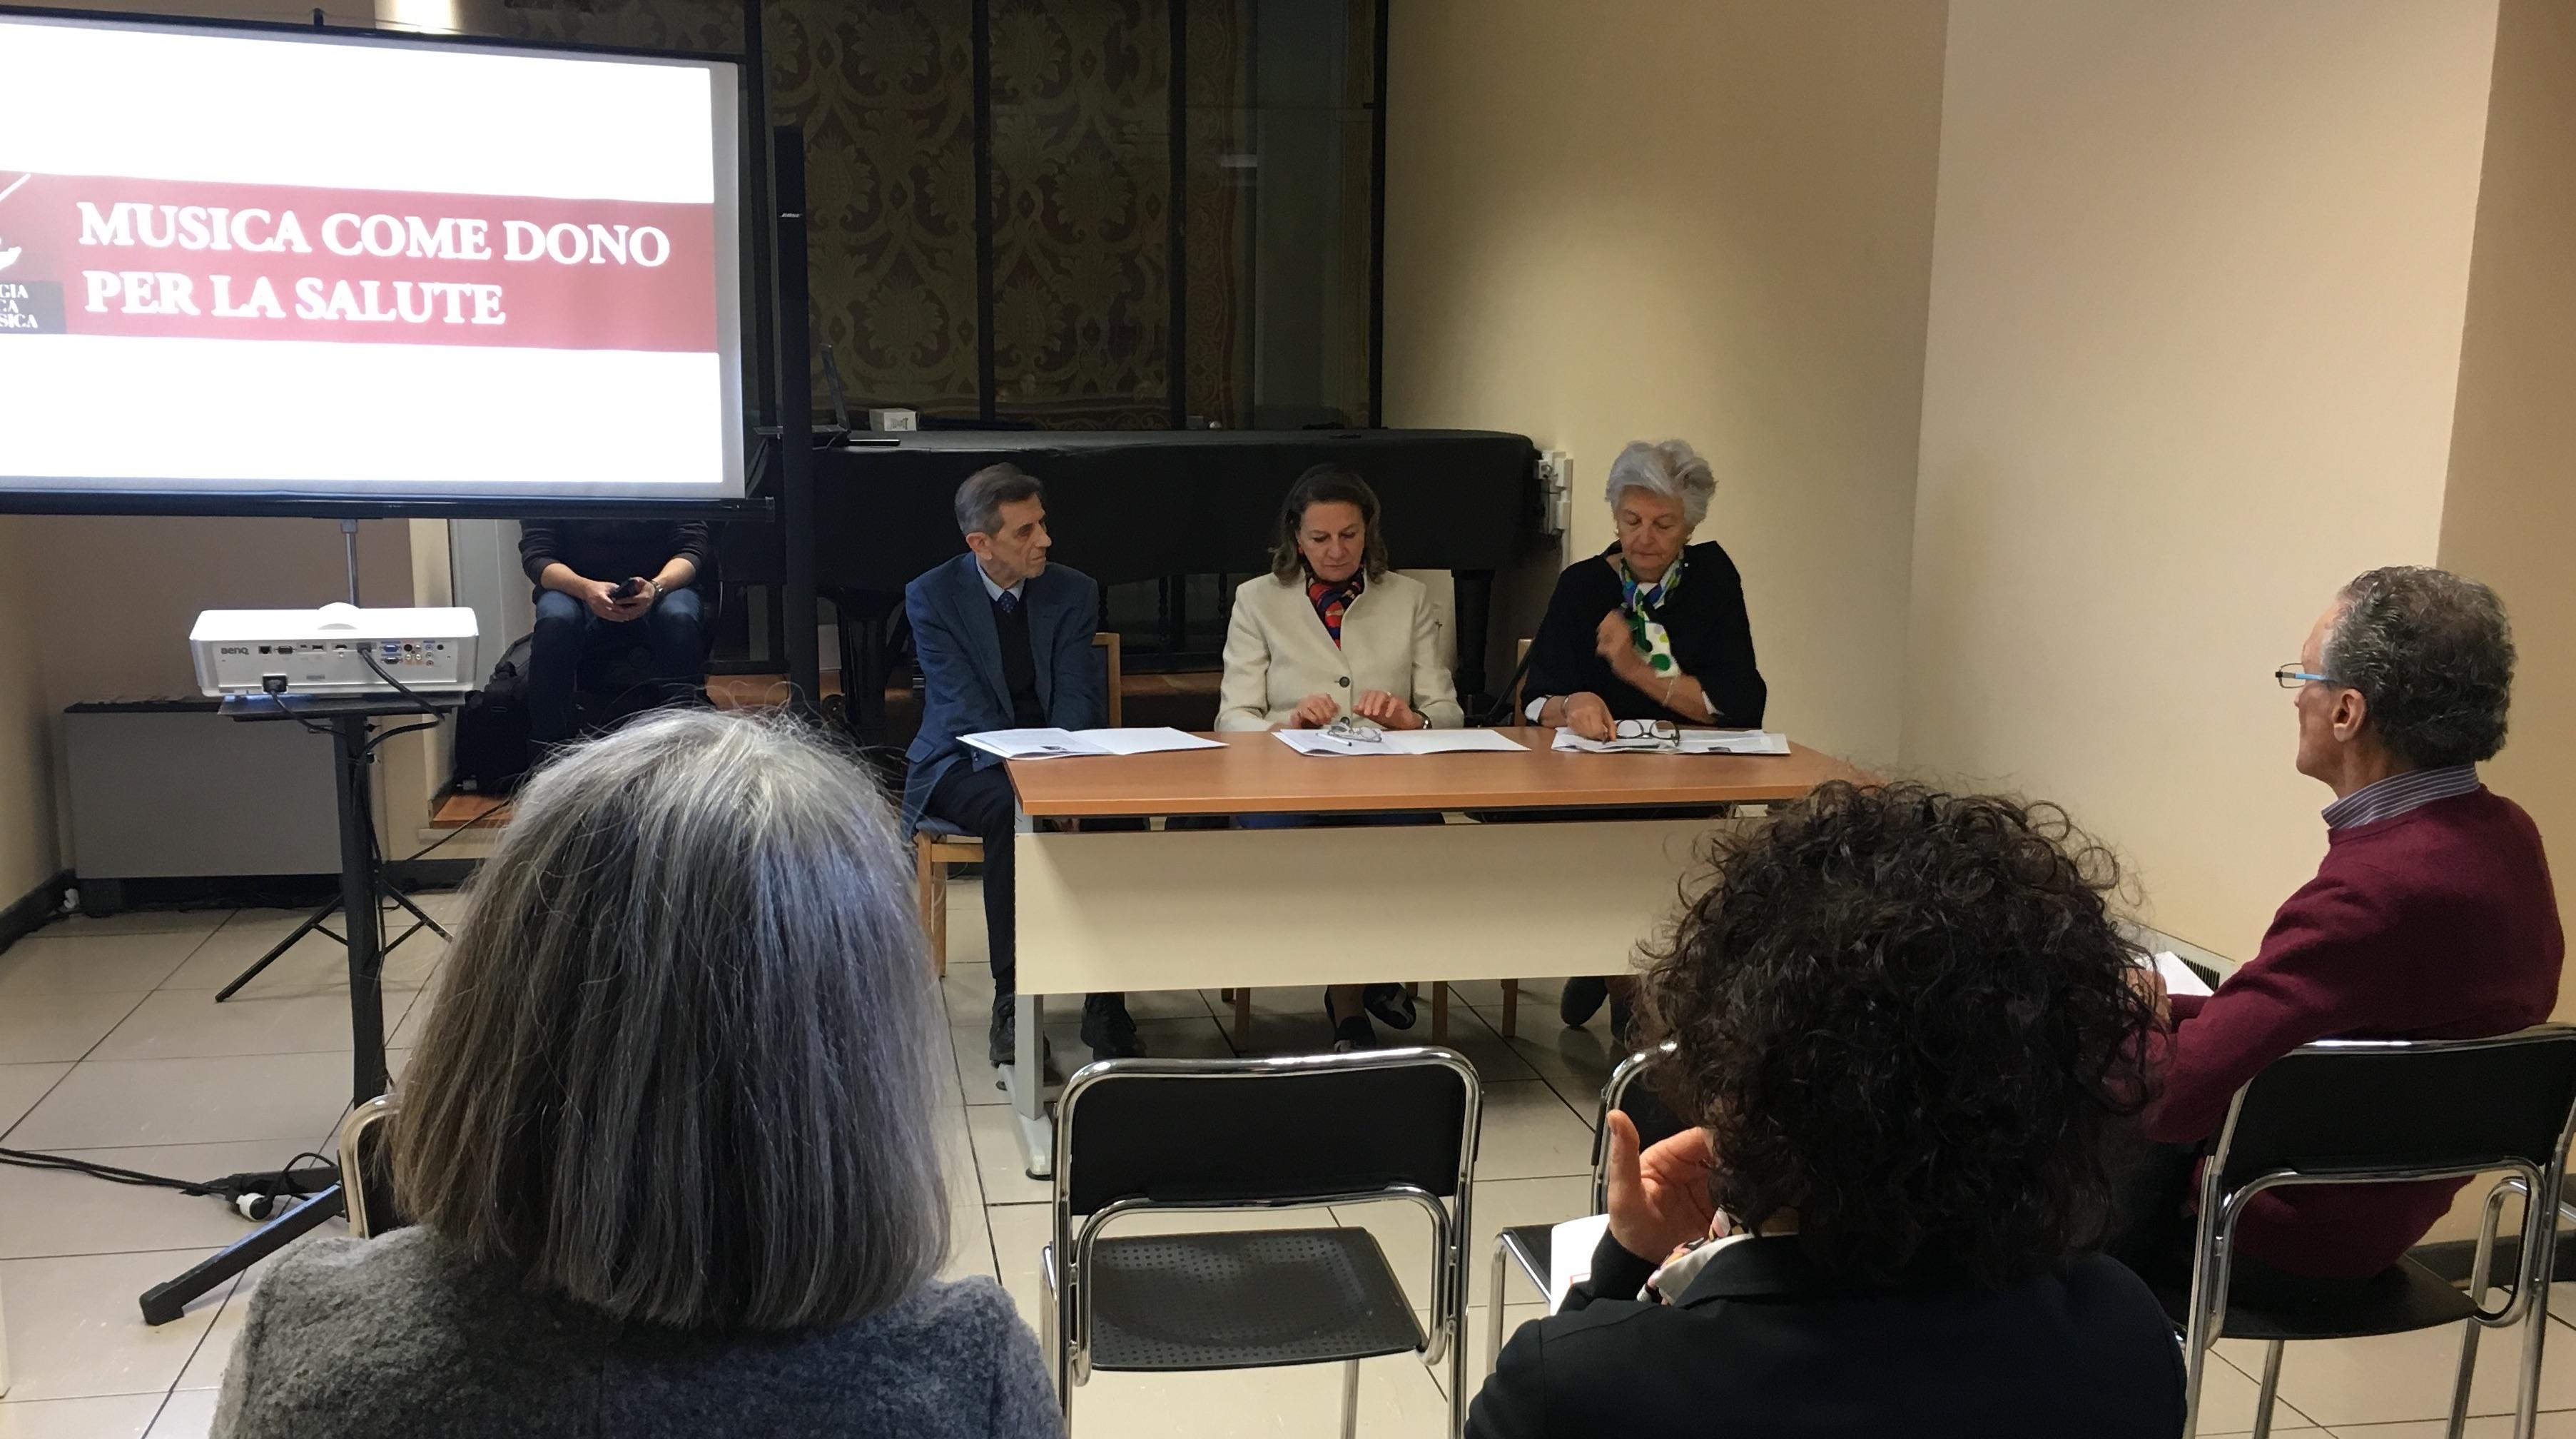 Musica come Dono per la Salute - conf stampa da sx Santeusanio, Calabro, Severini